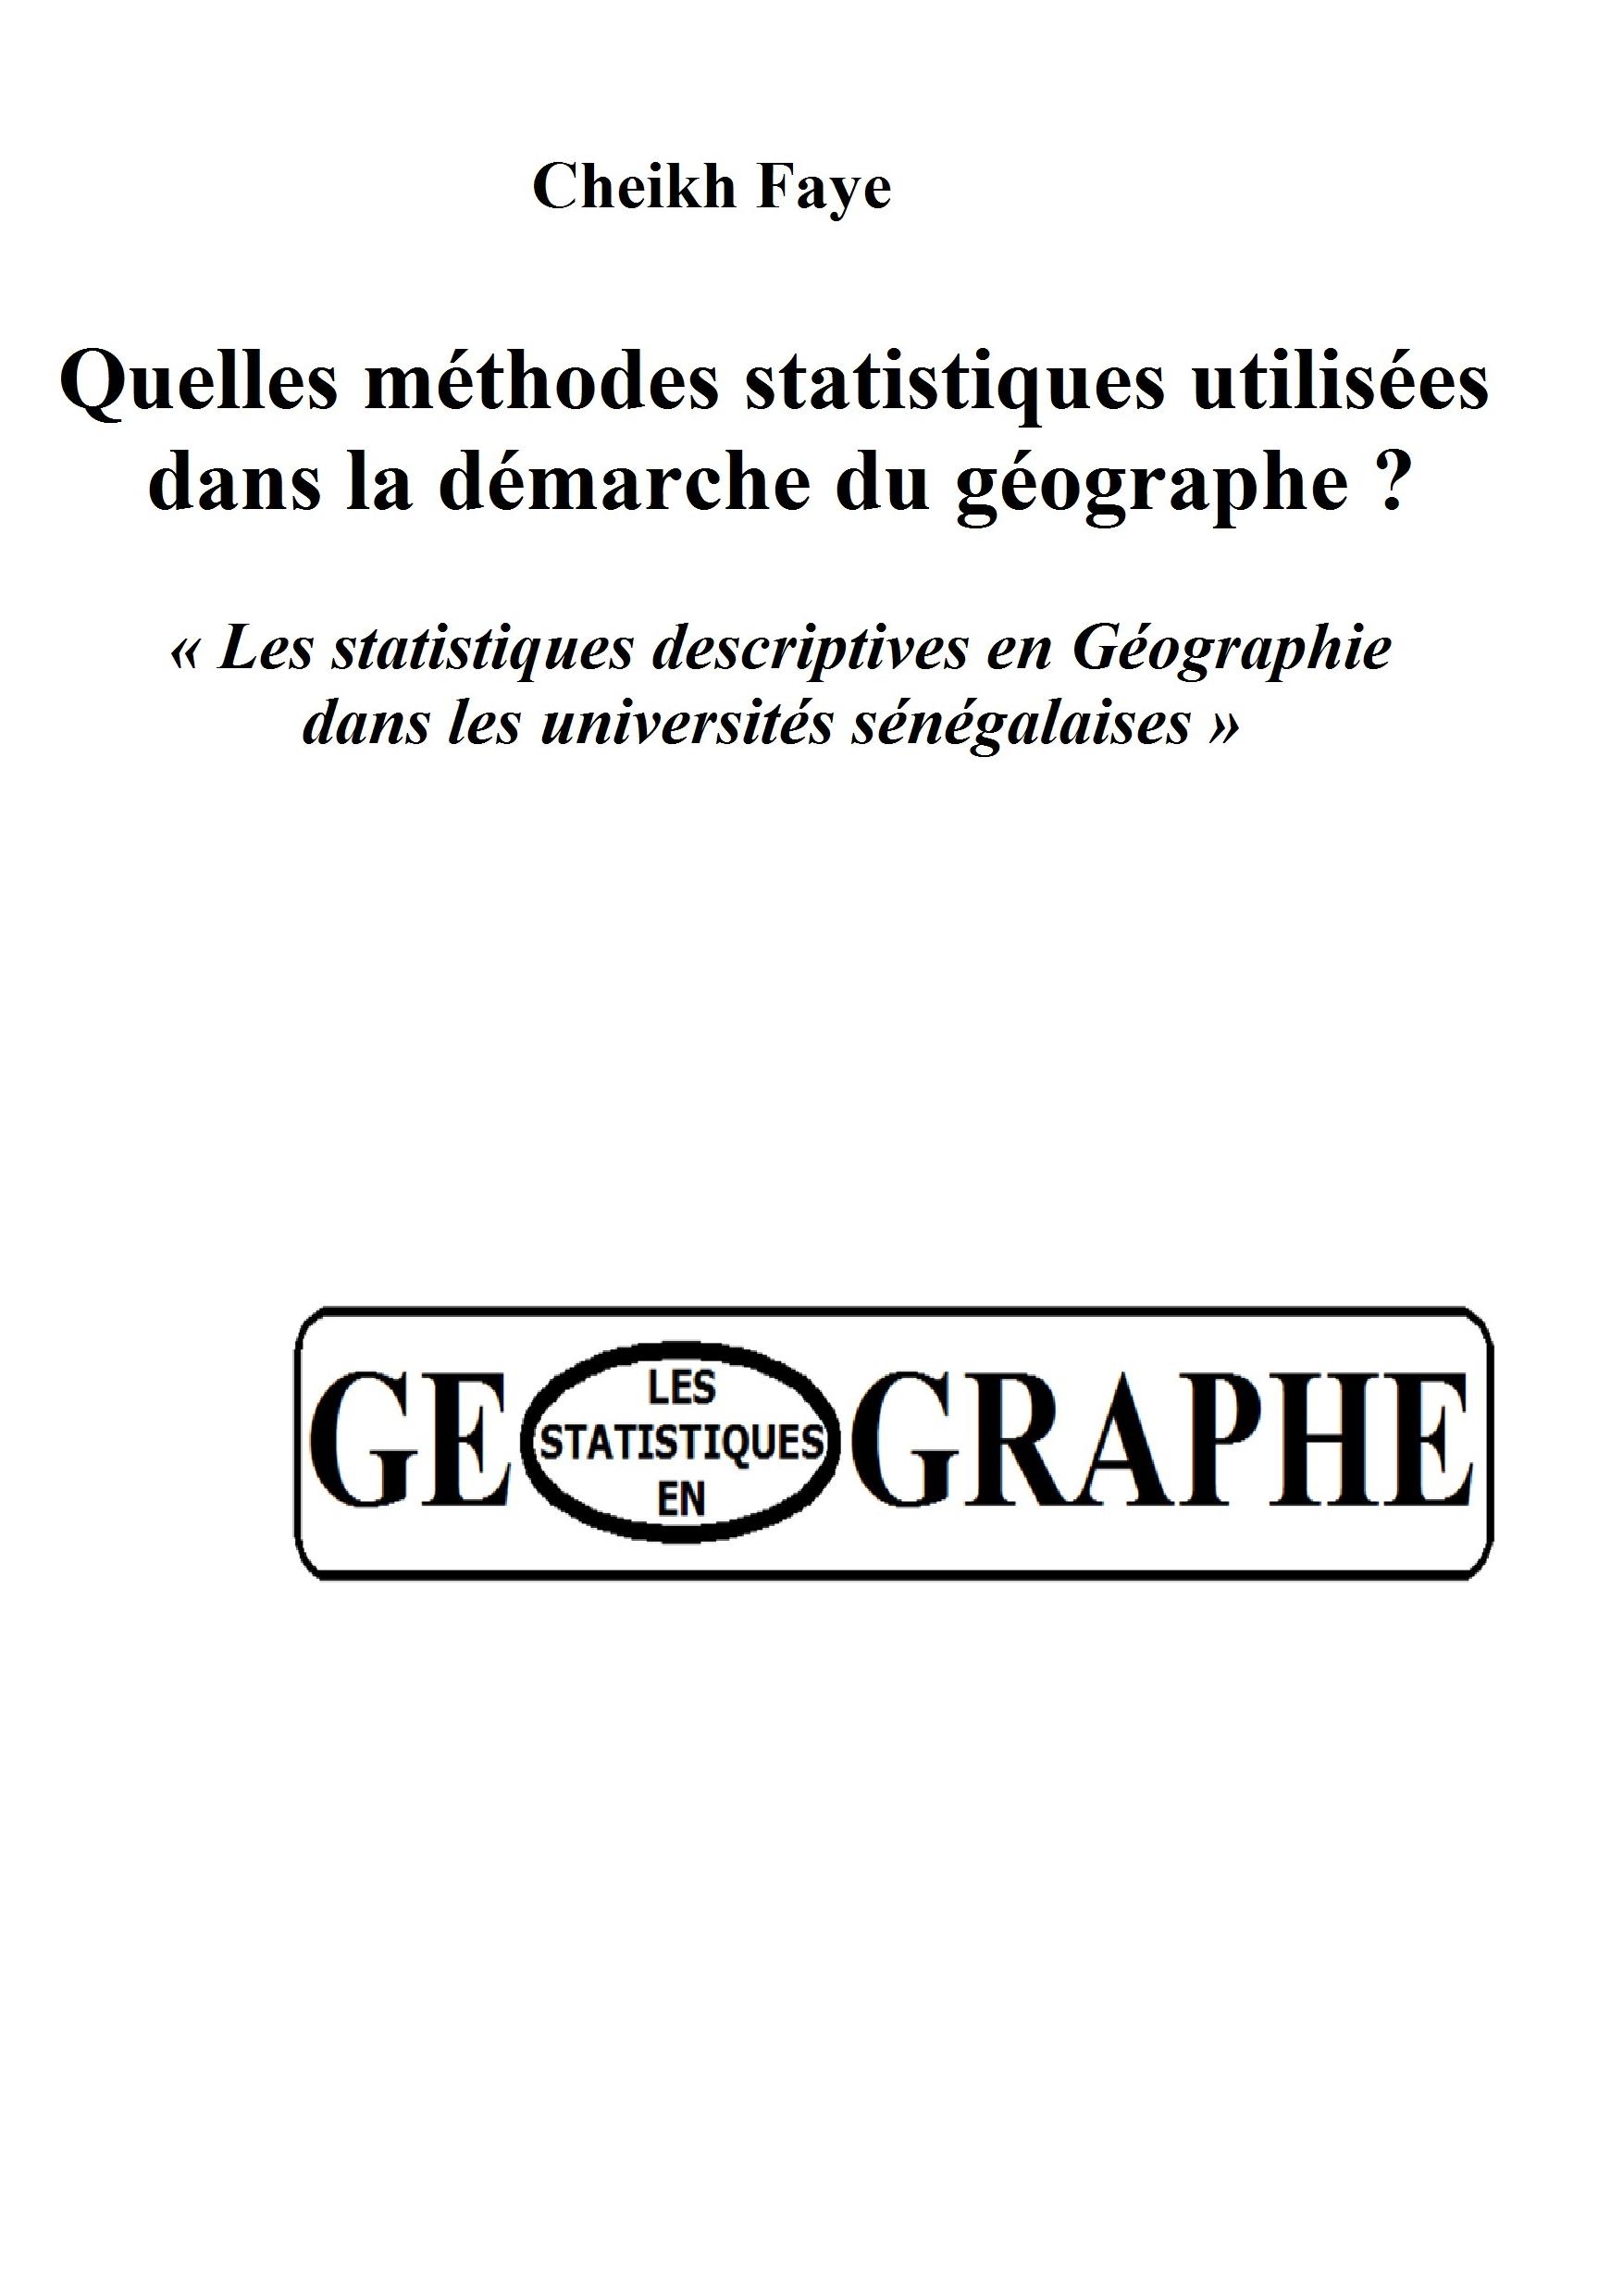 MÉTHODES STATISTIQUES EN GEOGRAPHIE